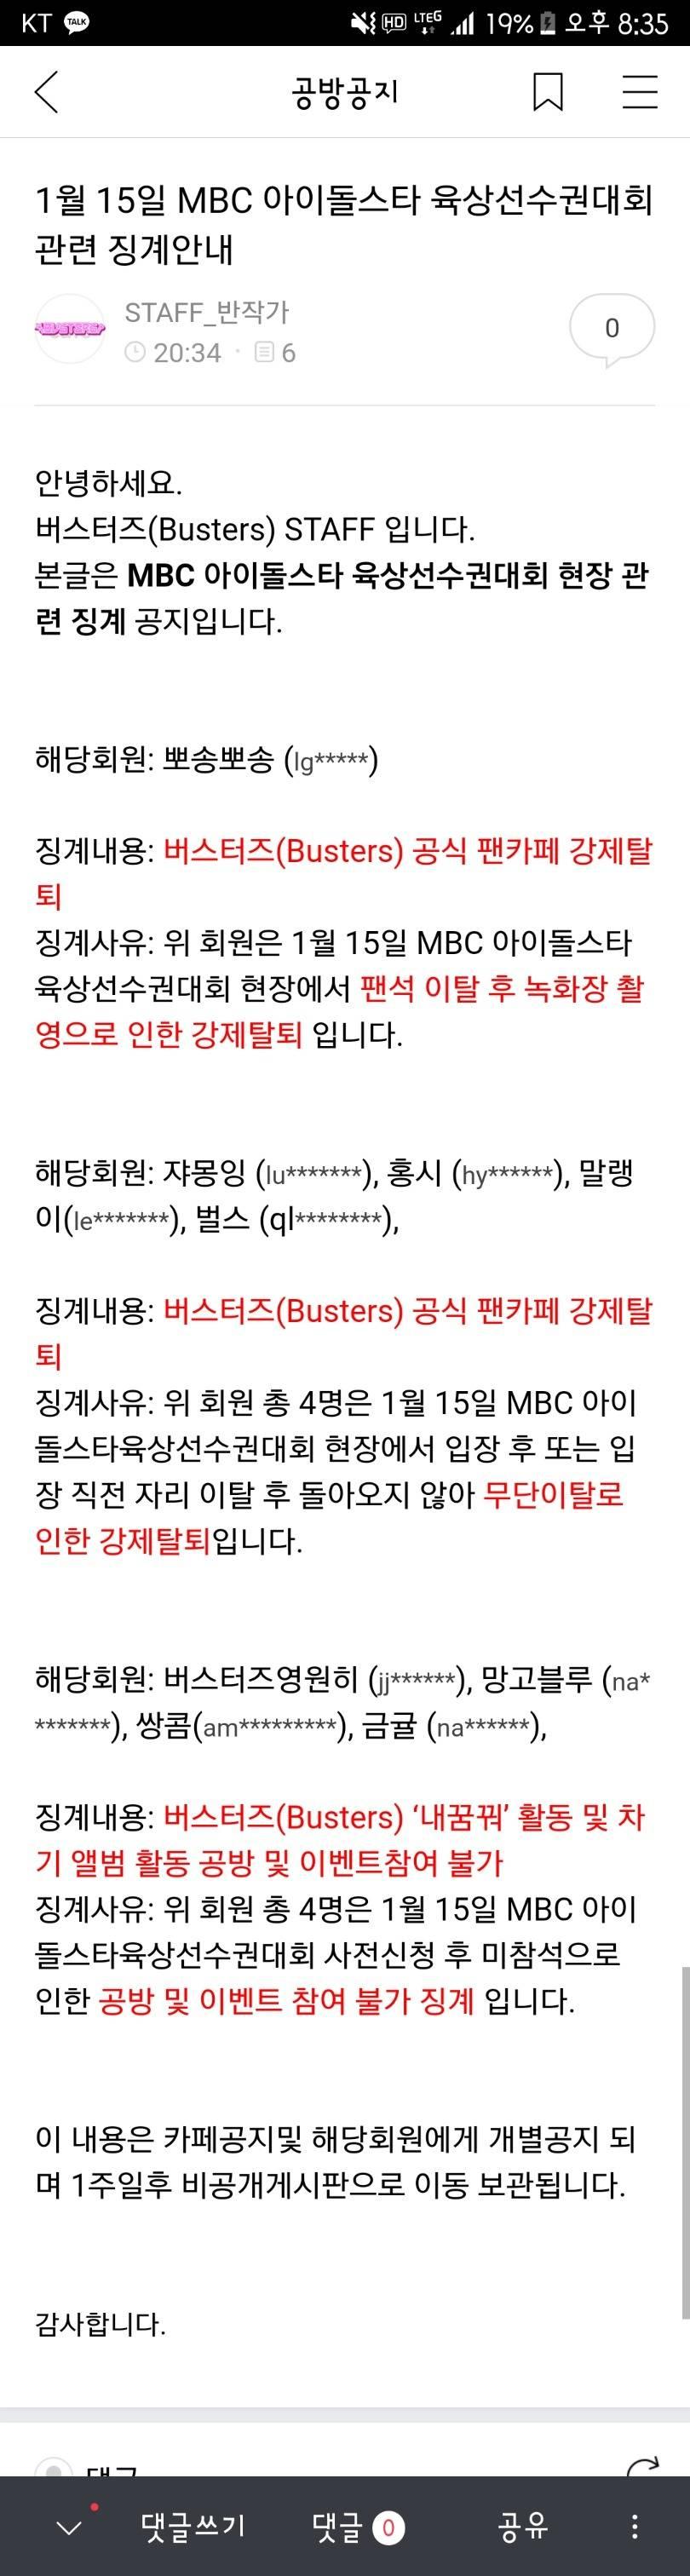 아육대 신인 걸그룹의 비애.jpg | 인스티즈